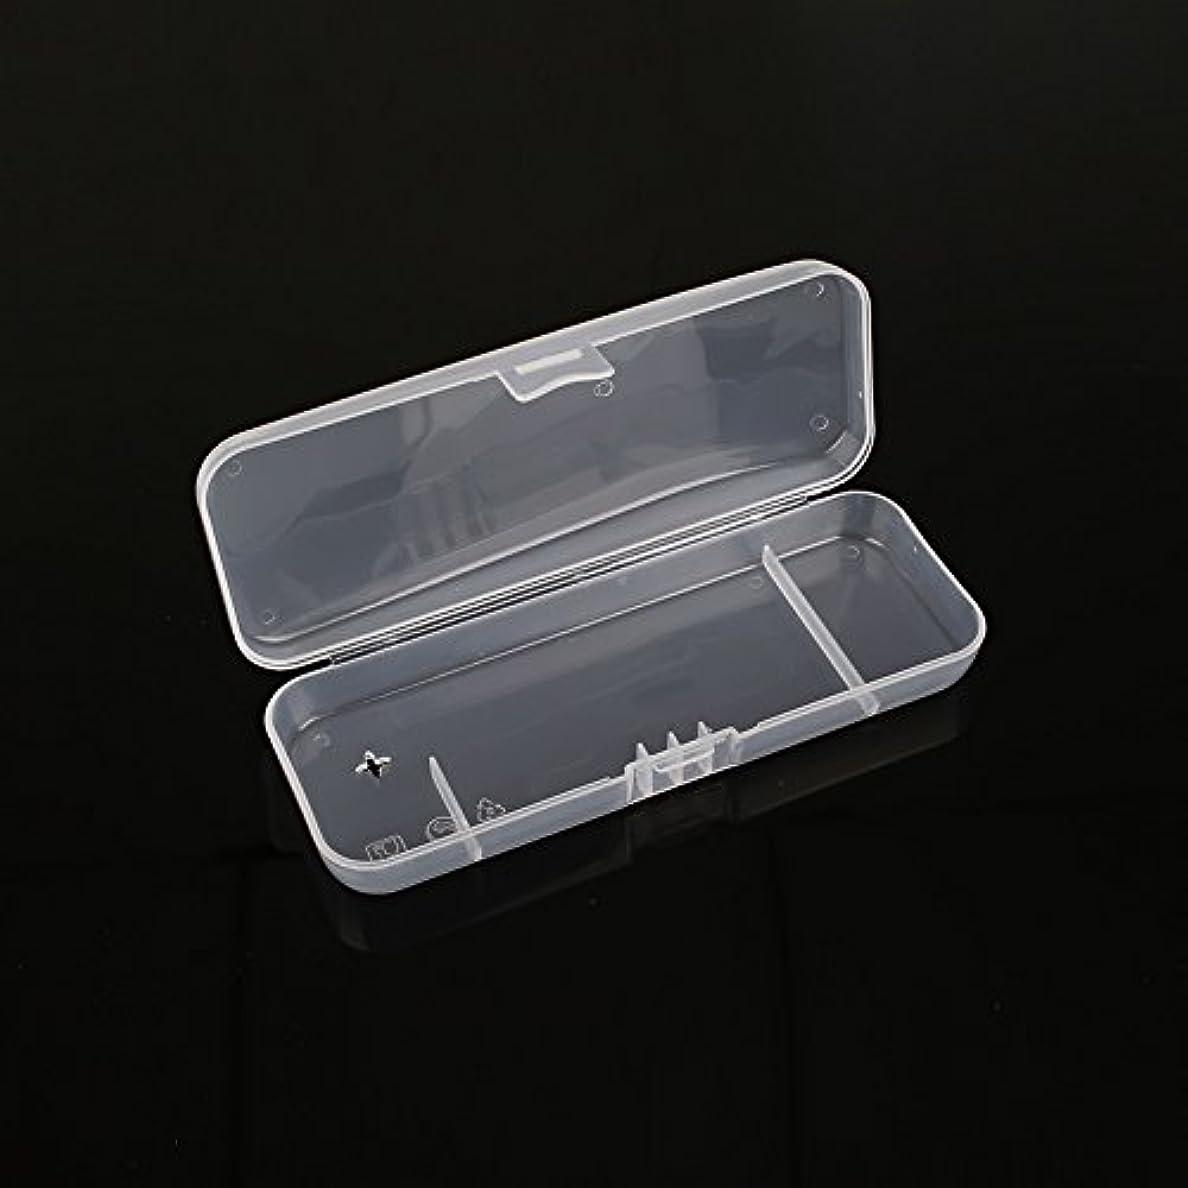 より平らなボックスパスタキコード 白い透明 ポータブル シェービングボックス シェーバー用 トラベルレジャープロテクター